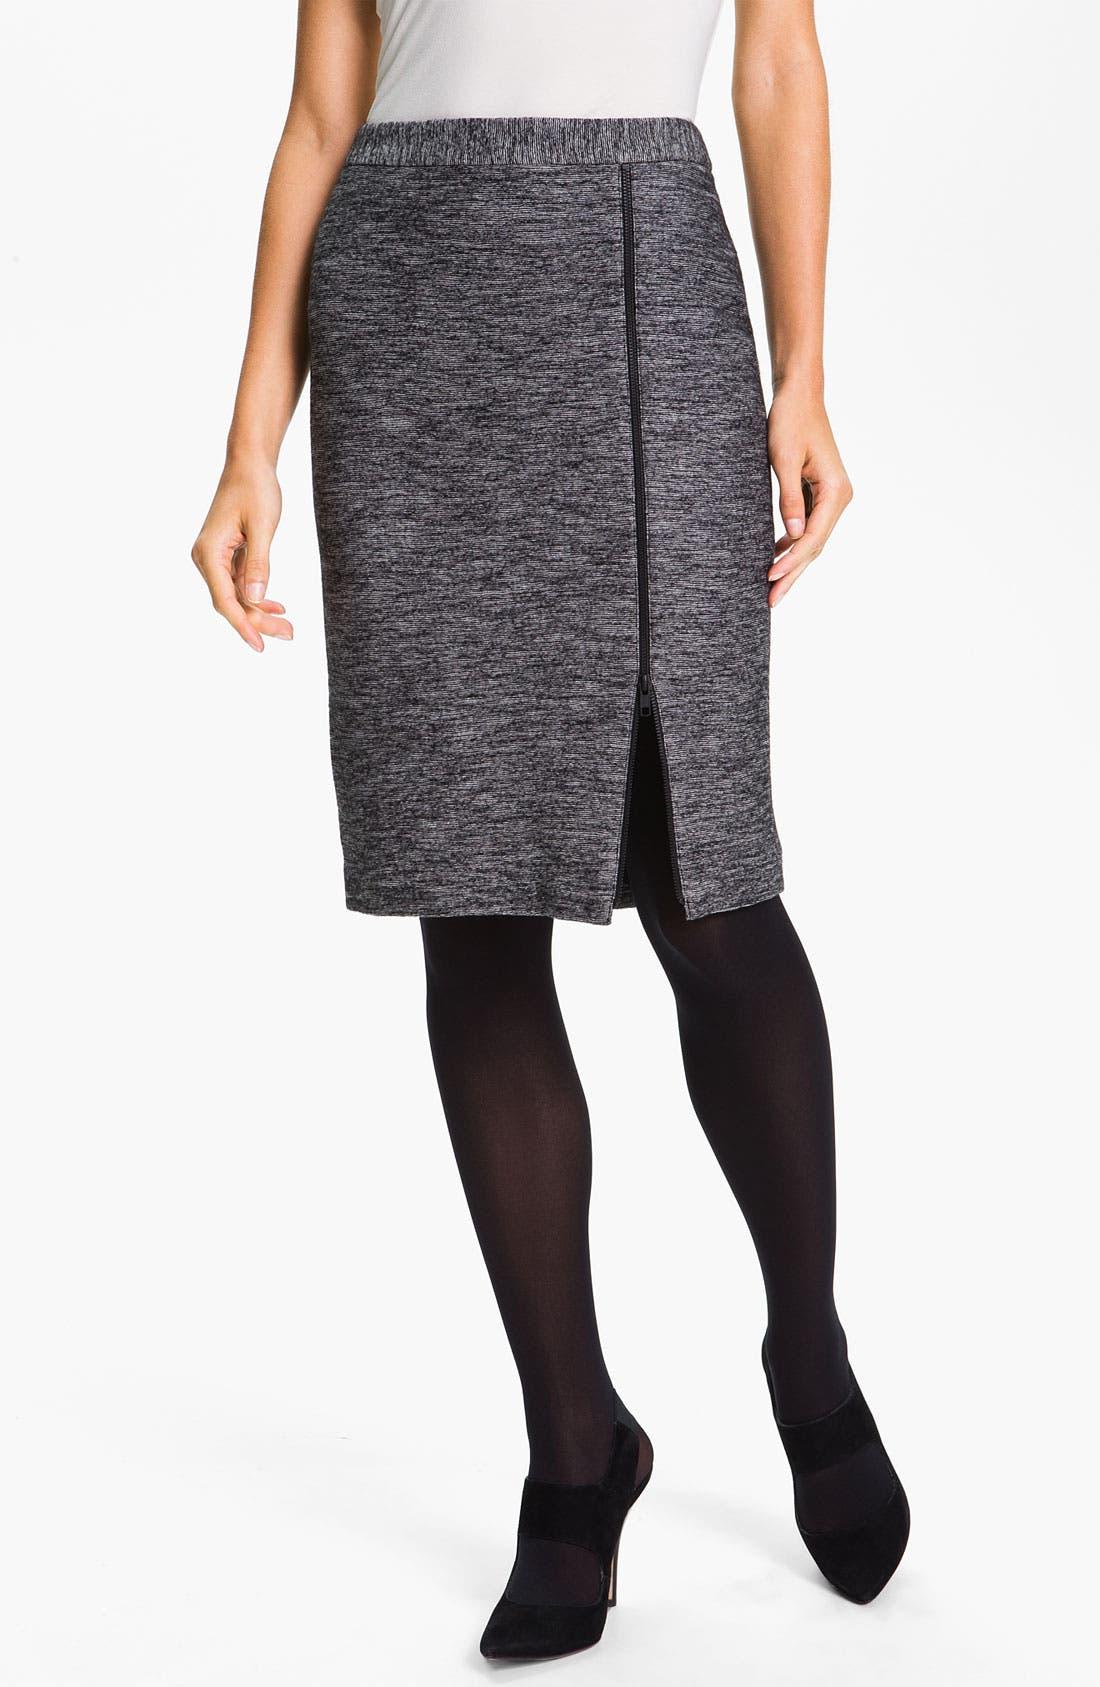 Alternate Image 1 Selected - Classiques Entier® 'Horizon' Double Knit Pencil Skirt